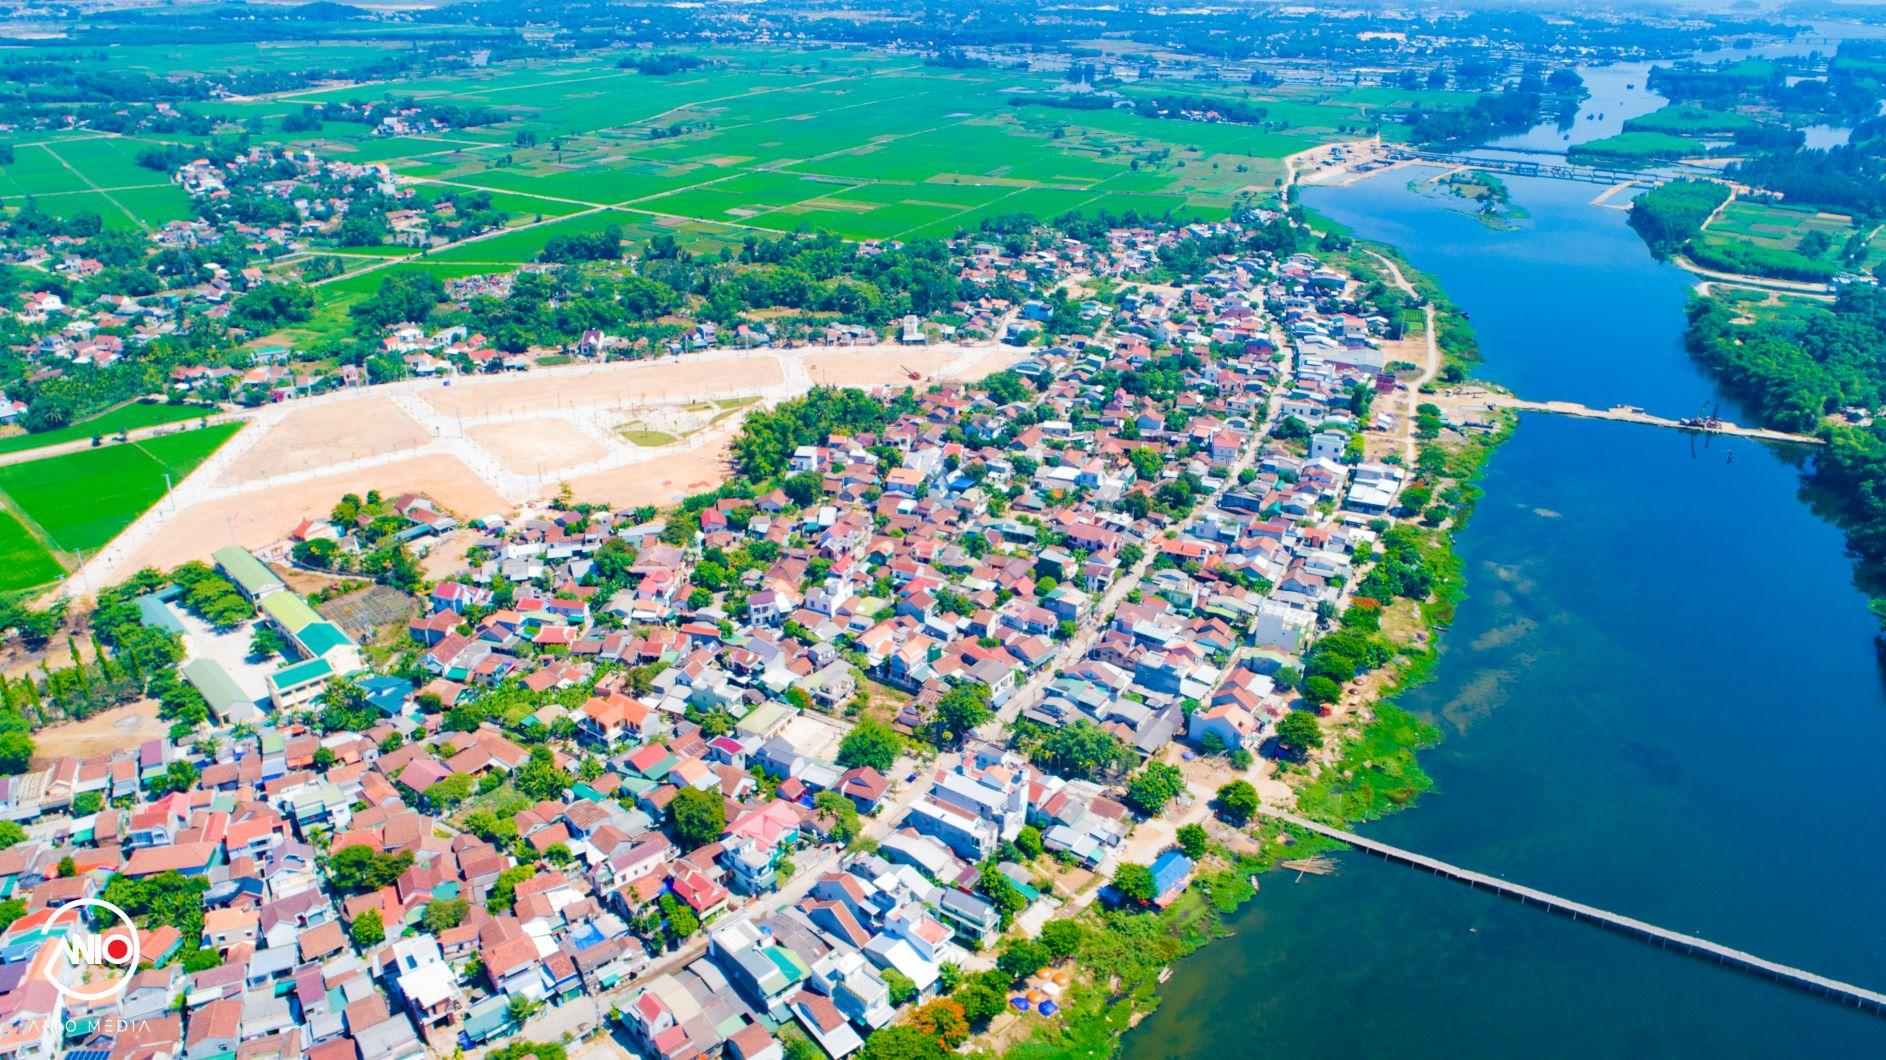 Huyện Bình Sơn có gì để trở thành điểm nóng mới của thị trường bất động sản Quảng Ngãi?